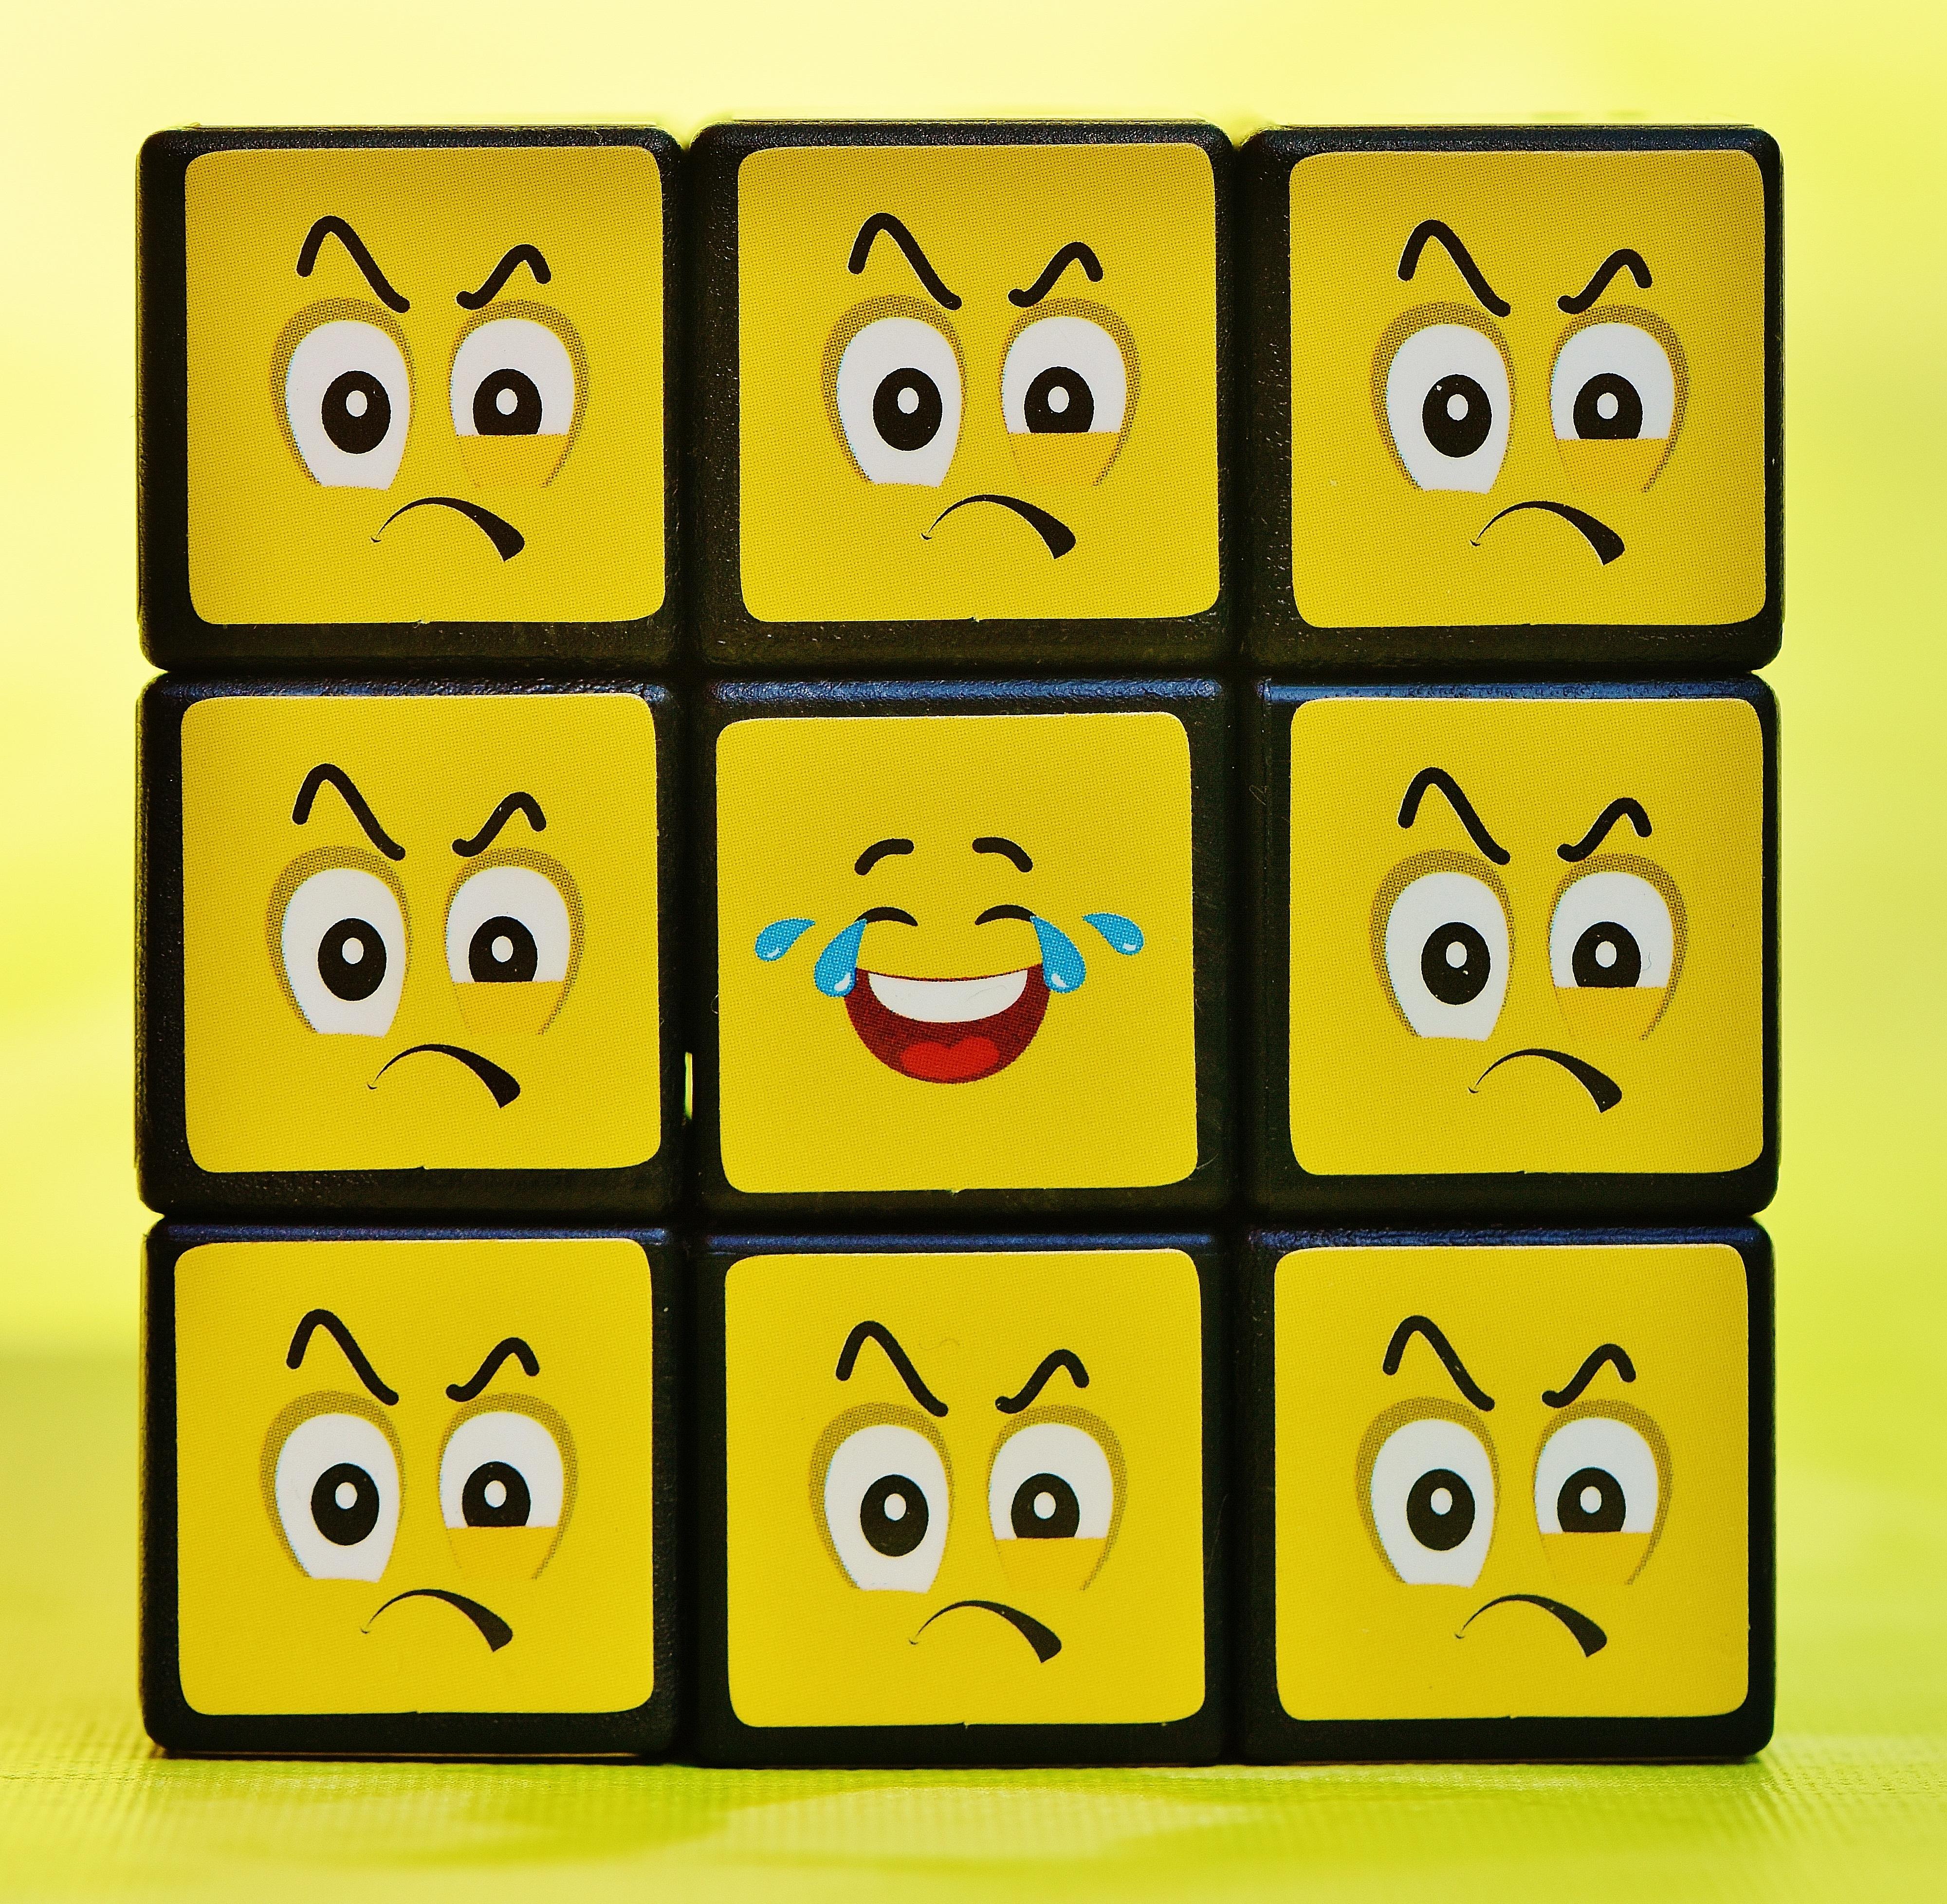 Gambar Jumlah Tersenyum Fon Ilustrasi Lucu Kubus Wajah Icon